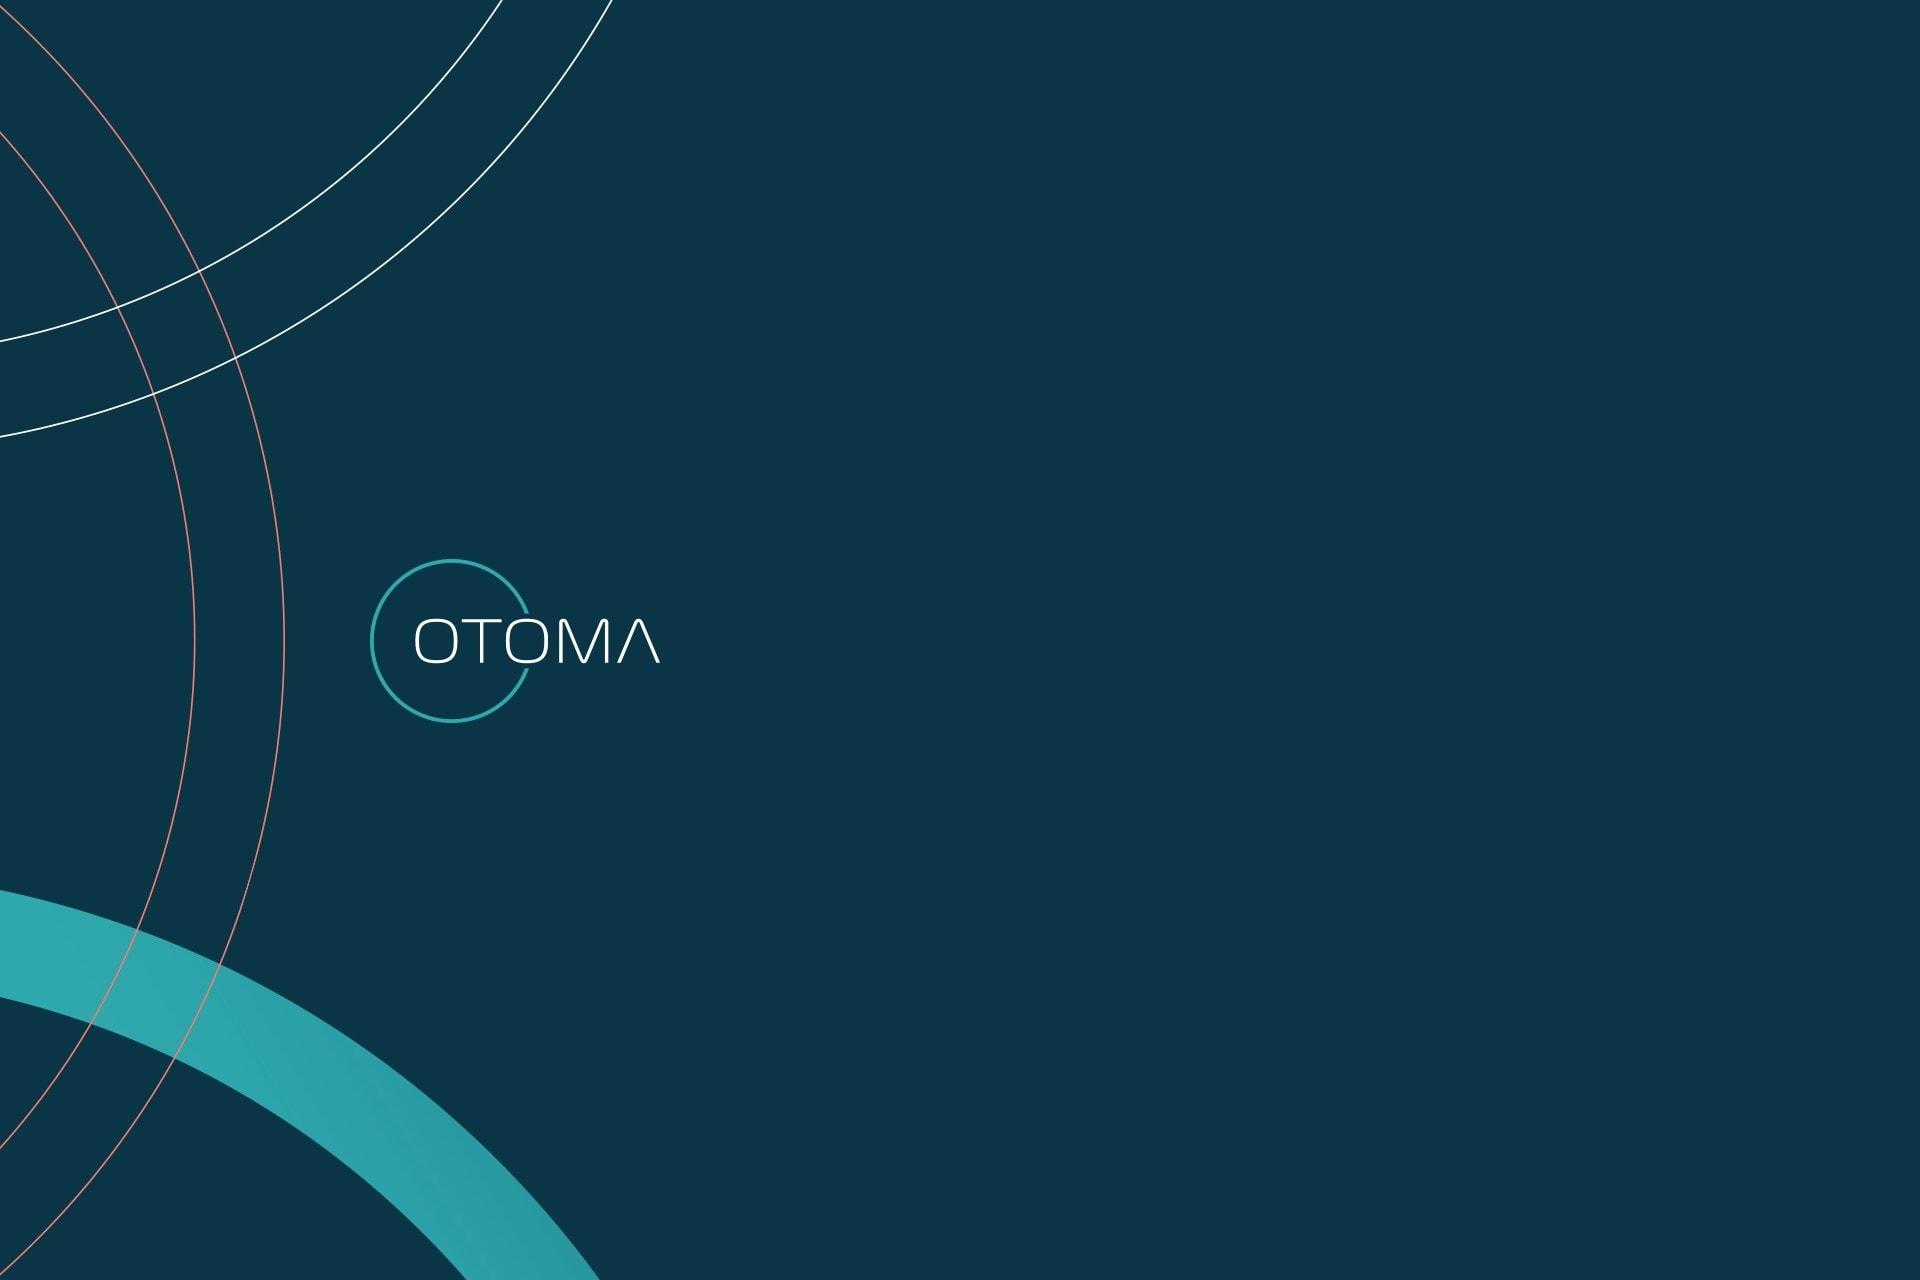 otoma_banner - Natie Branding Agency